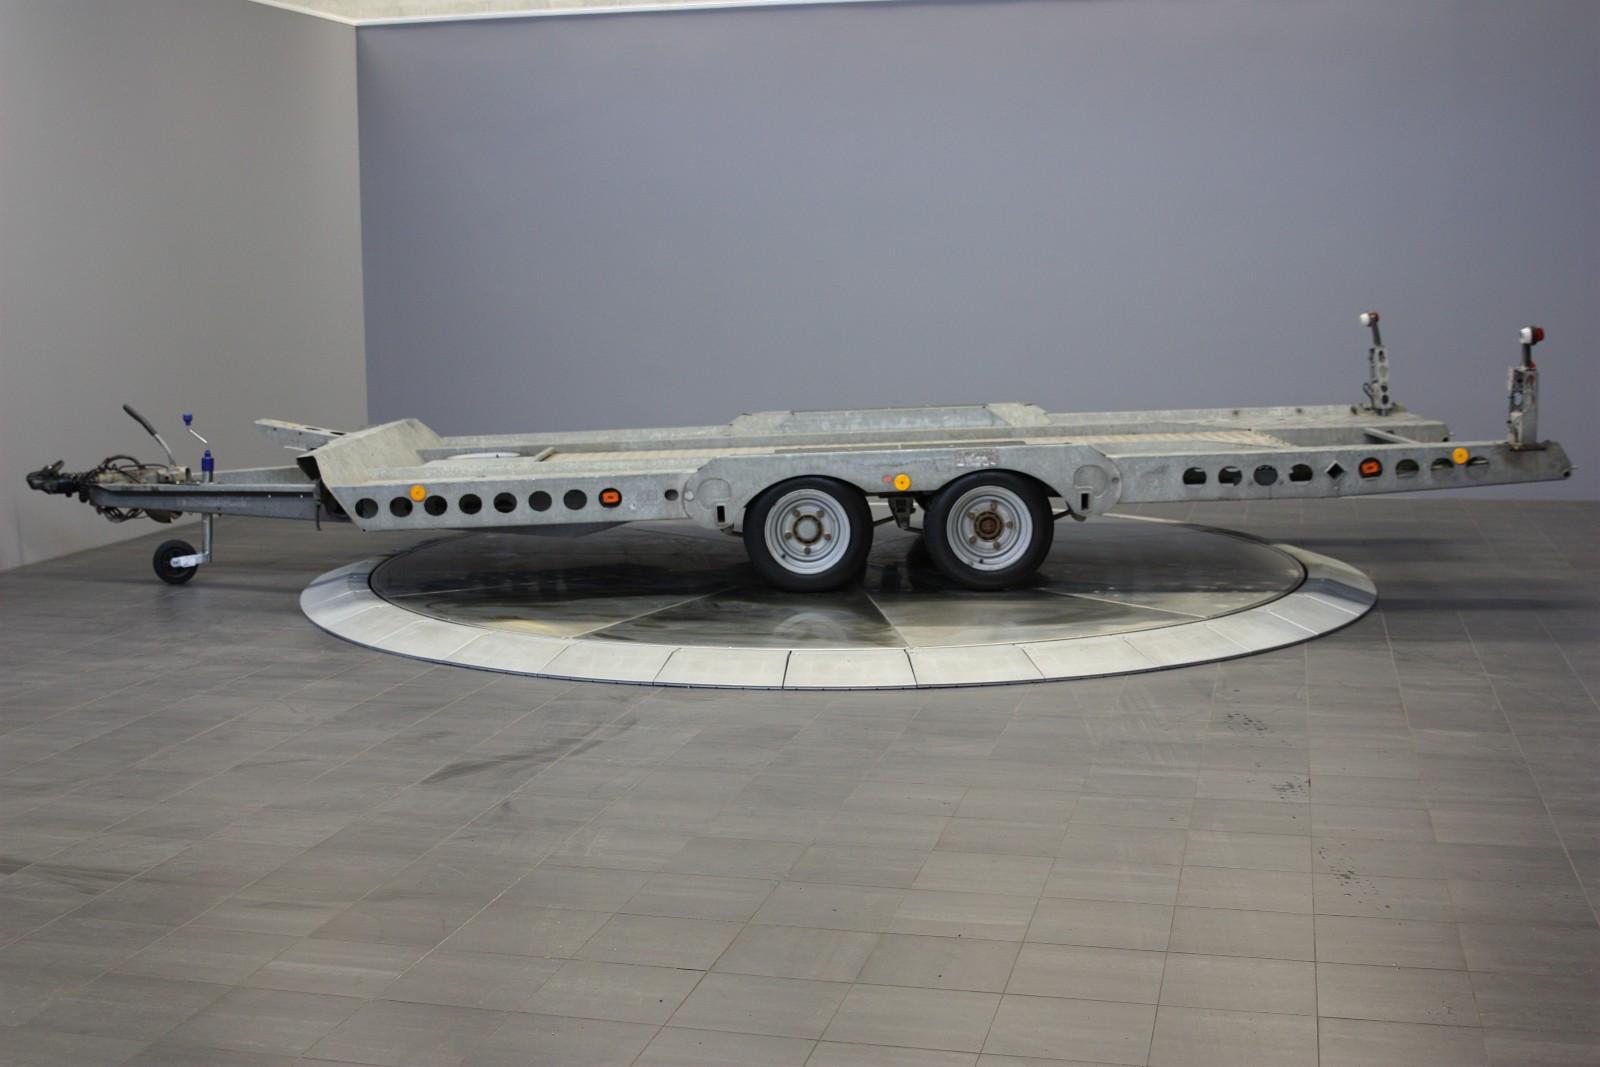 Ifor Williams CT 177 - Hamar  - CT-177 er den største biltransporteren fra Ifor Williams med hele 2700 kg i nyttelast og 3500 kg totalvekt. Meget solid og kraftig.  Kraftig stålramme med hydraulisk tilt. Integrerte kjørebruer så man kan få på de laveste sportsbil - Hamar